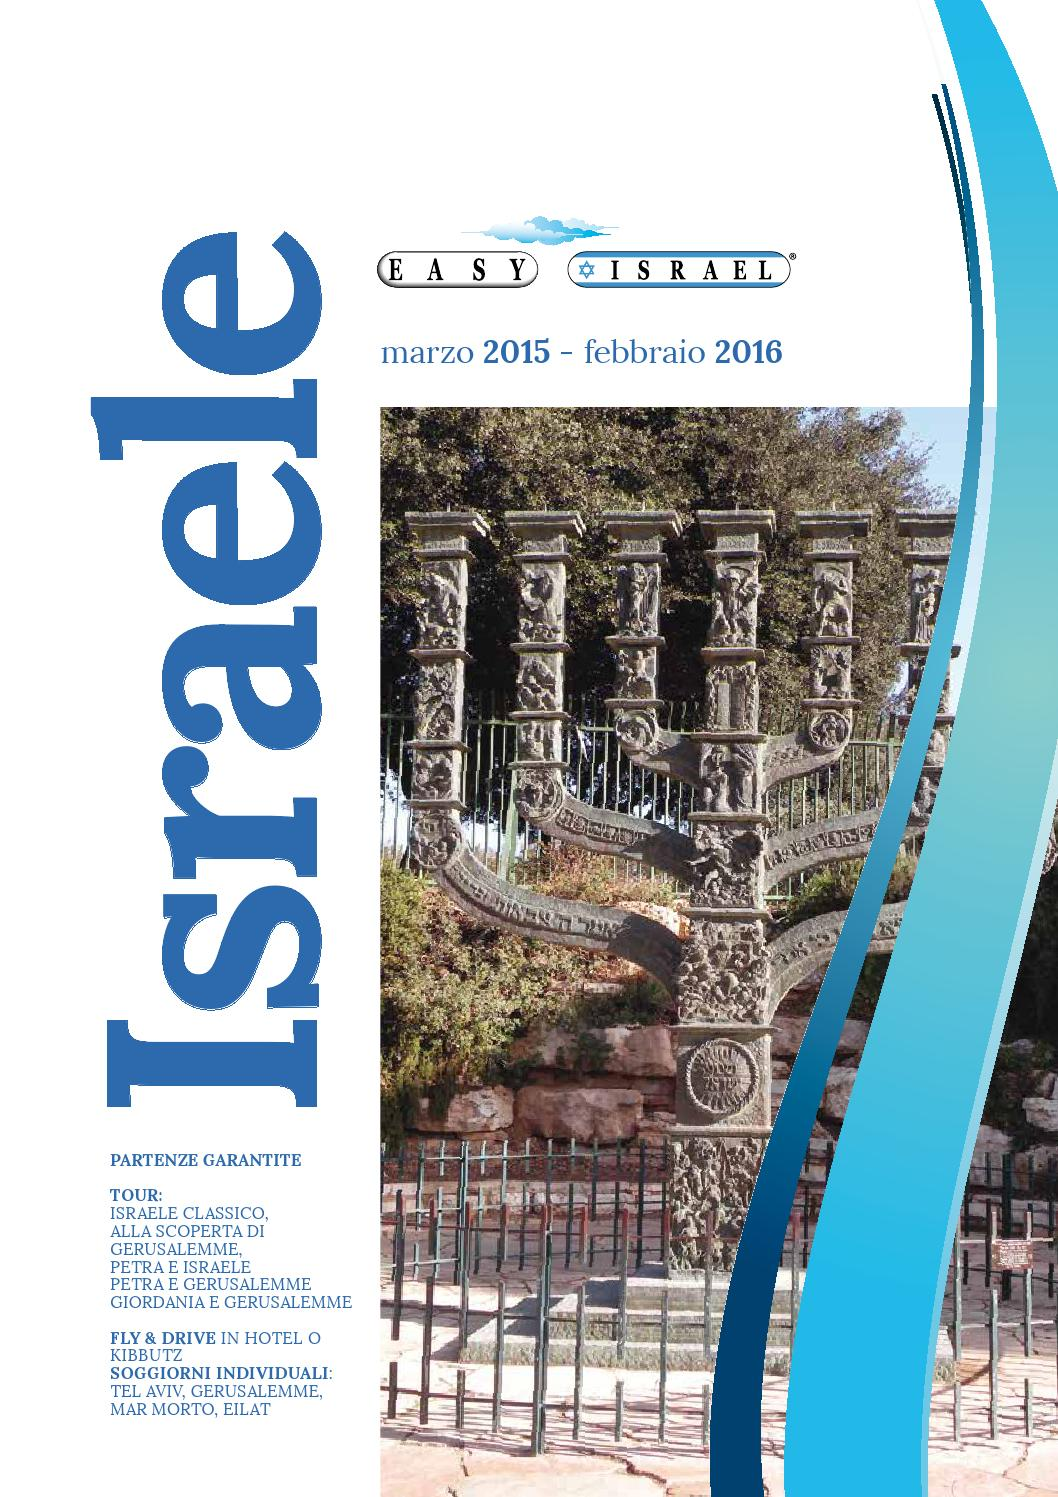 Easy Israel Catalogo 2015 2016 By Easy Israel Issuu